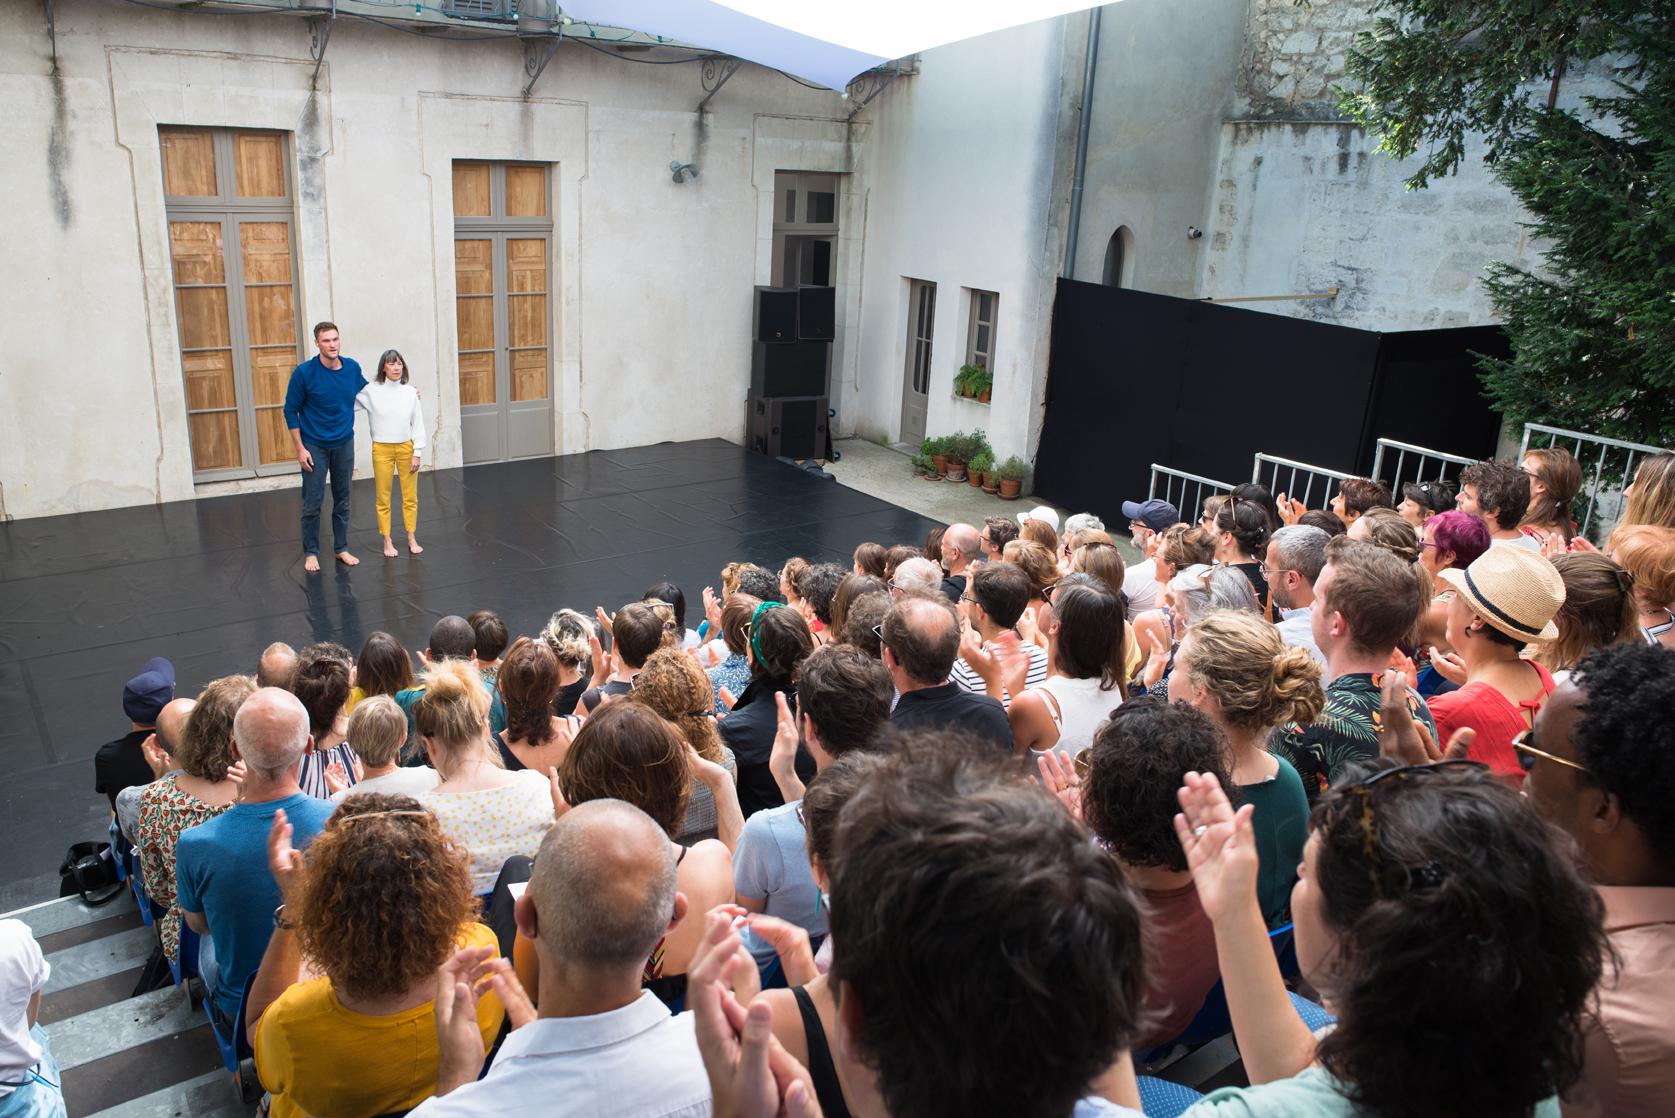 Théâtre Louis Aragon - Avignon